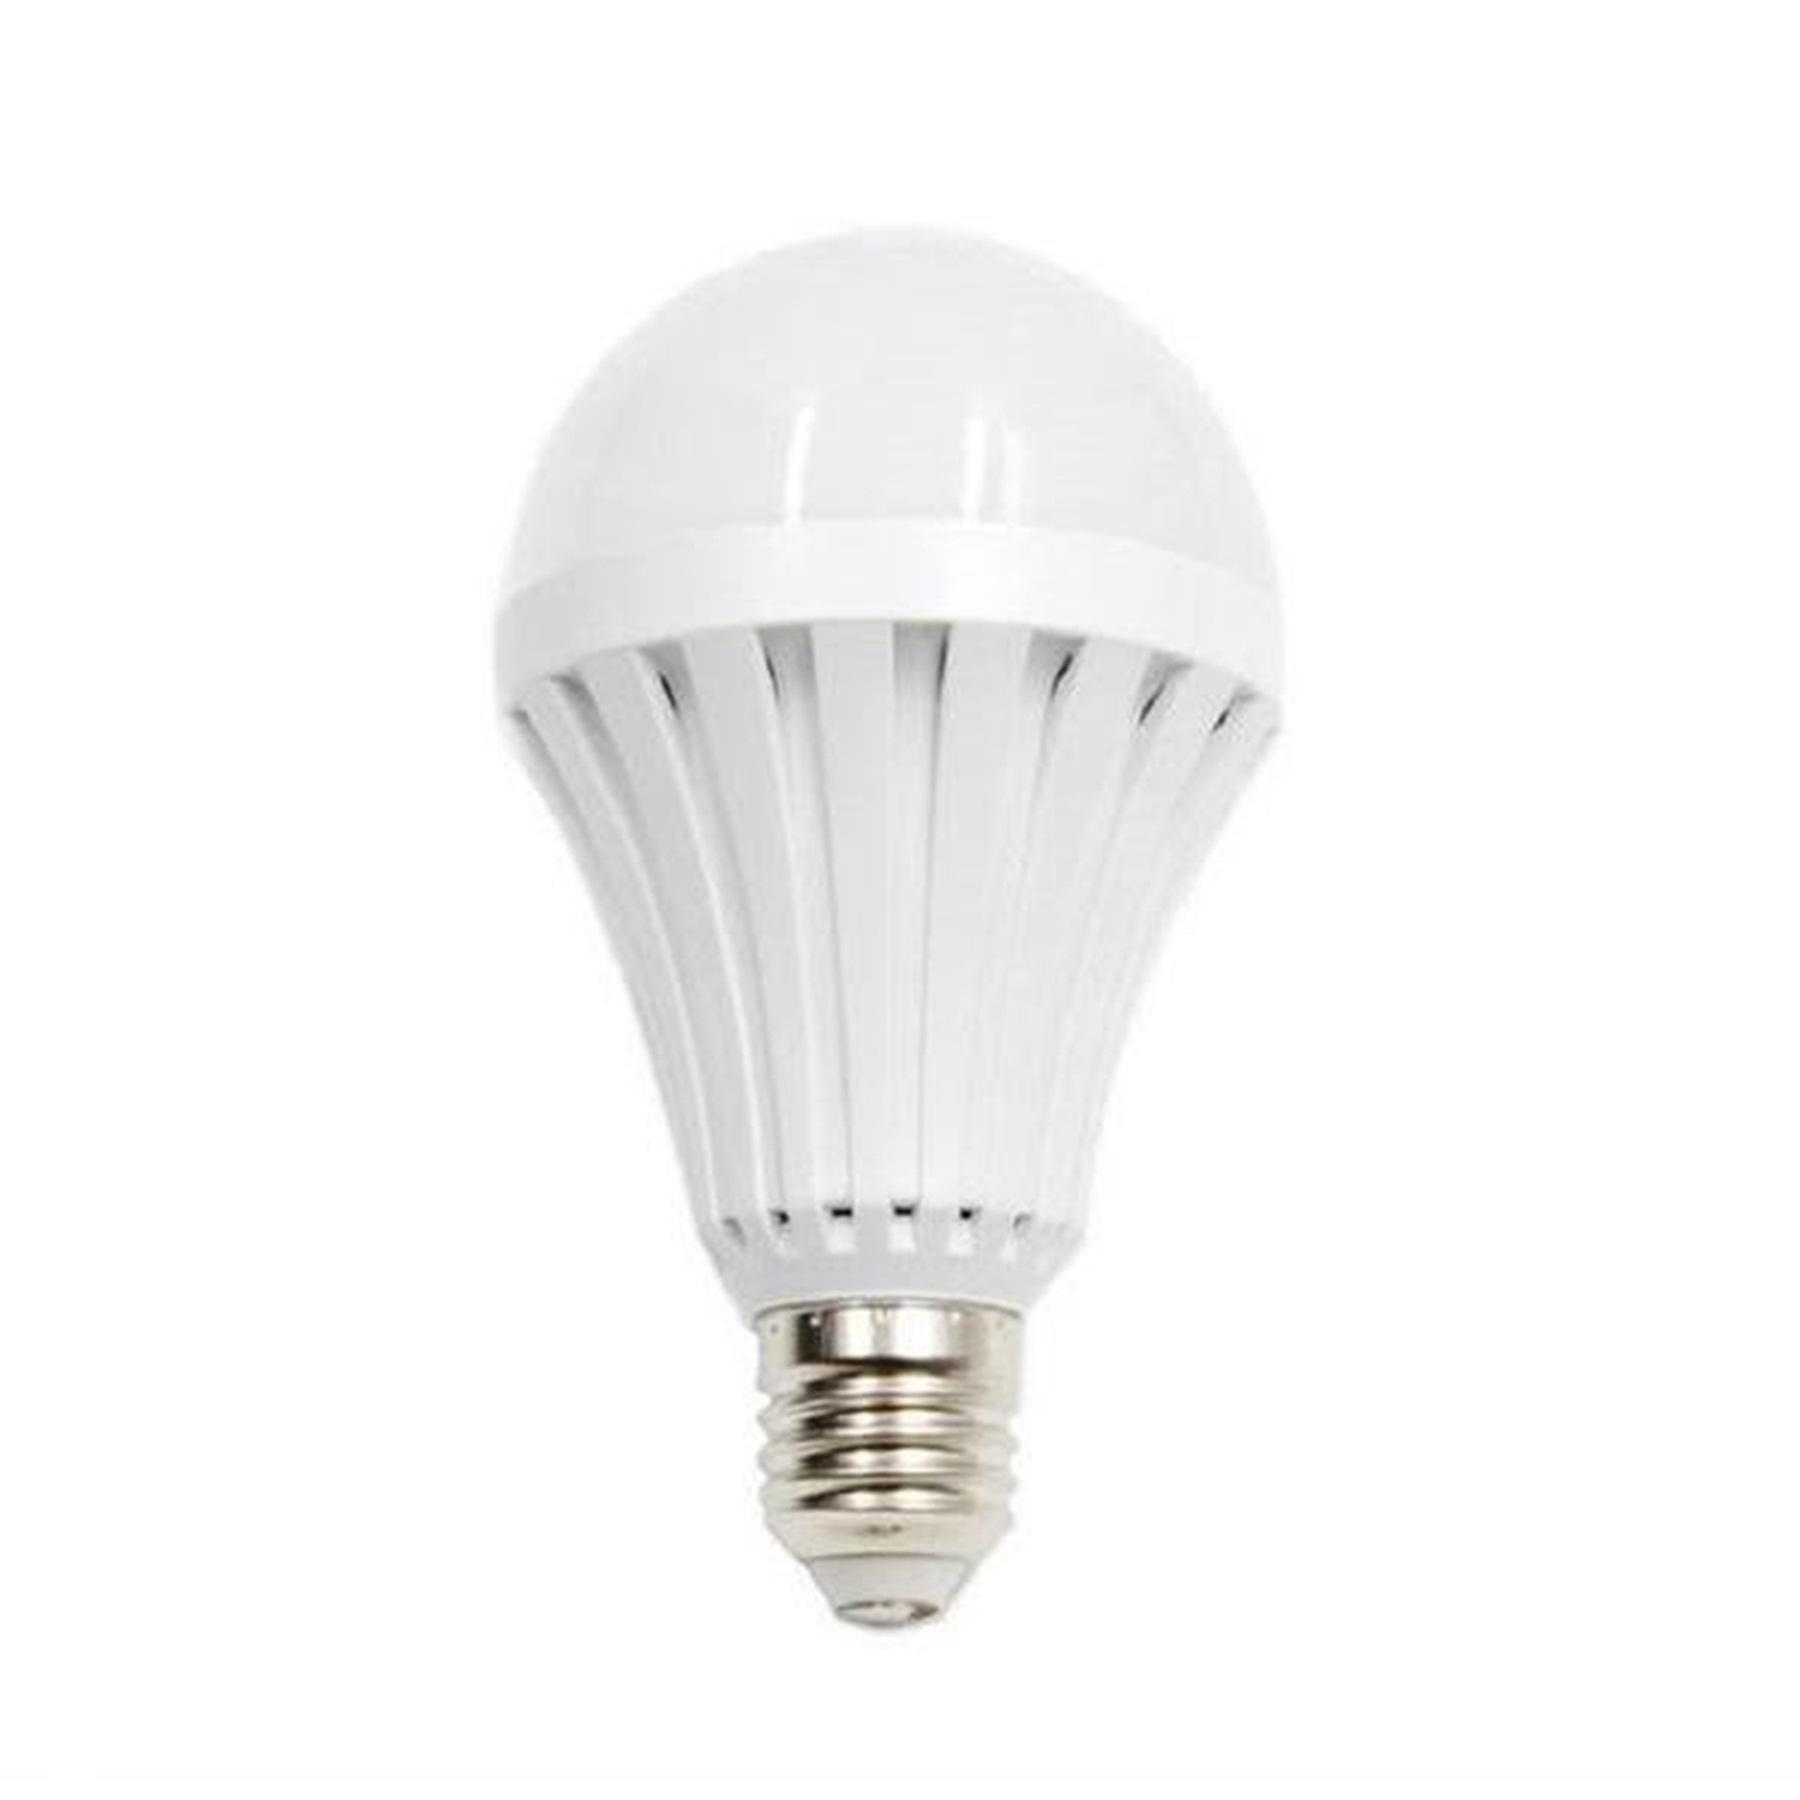 Led Bohlam Lampu Emergency 5 Watt Plus On Off Hook Putih Daftar Ajaib 21watt Arashi Bola Atl 20 2